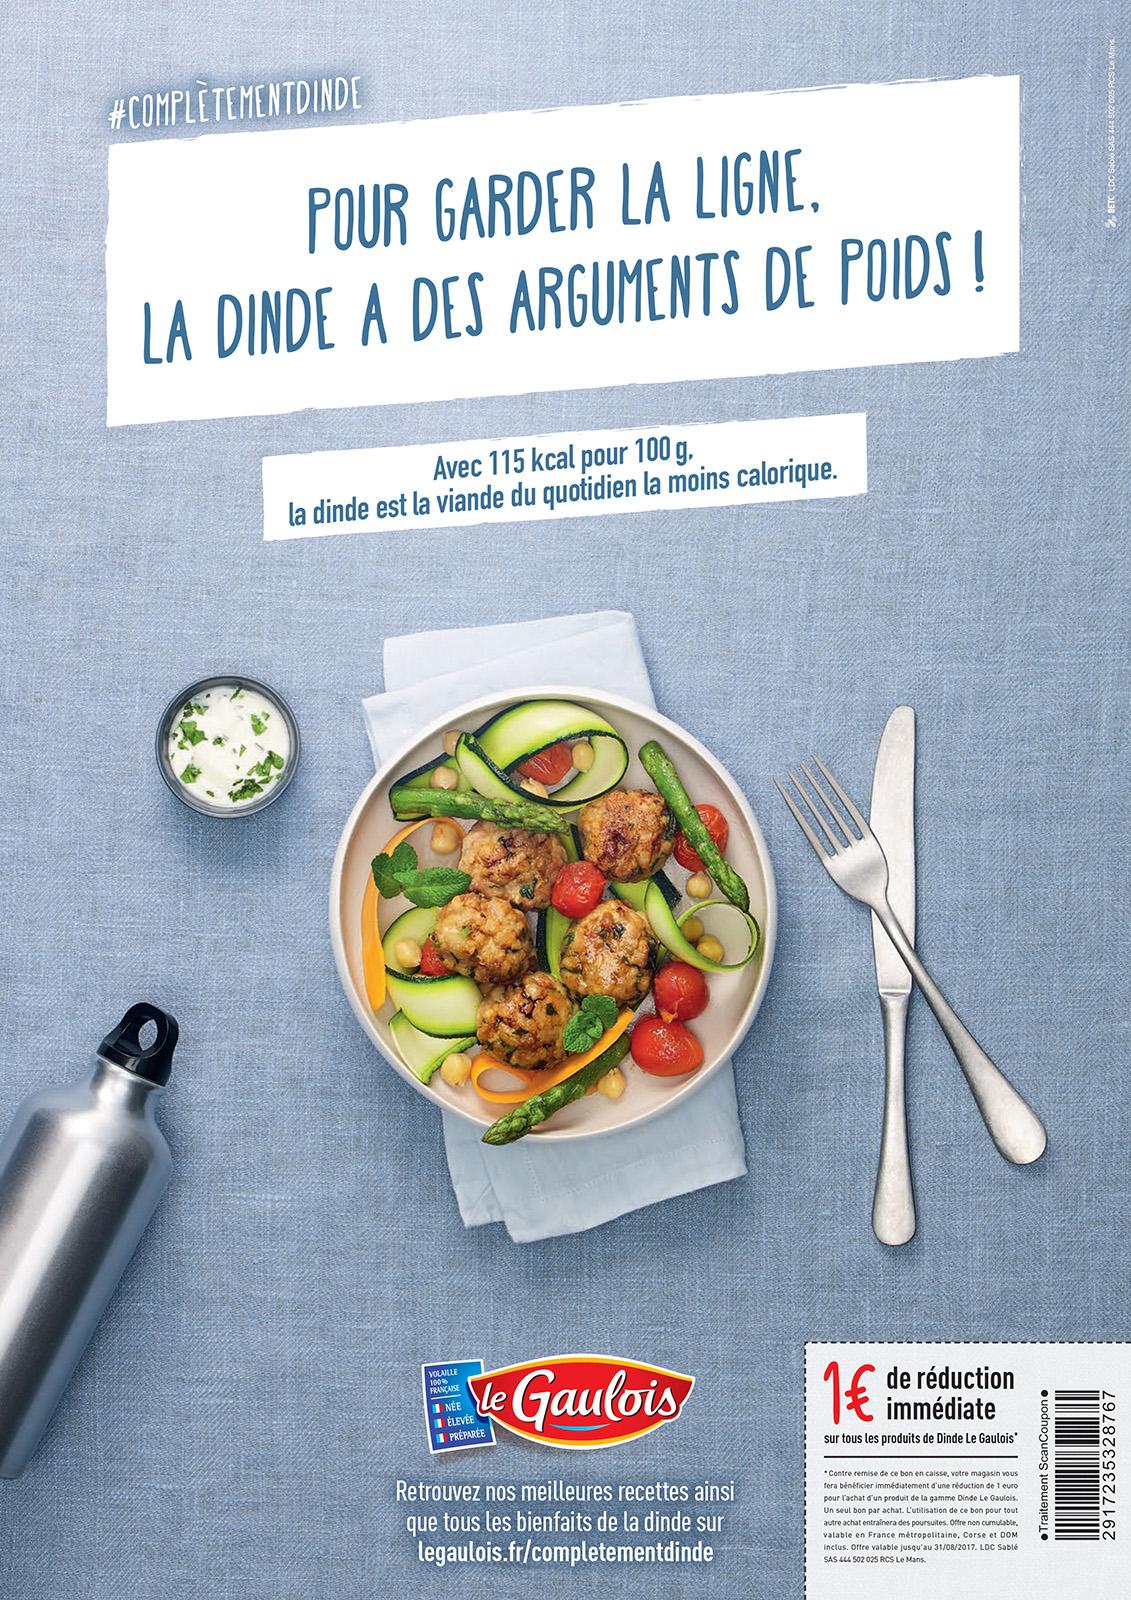 Cecile-et-guillaume_onfaitdesimages-valerie-paumelle-agent-photographe-culinaire (6).jpg